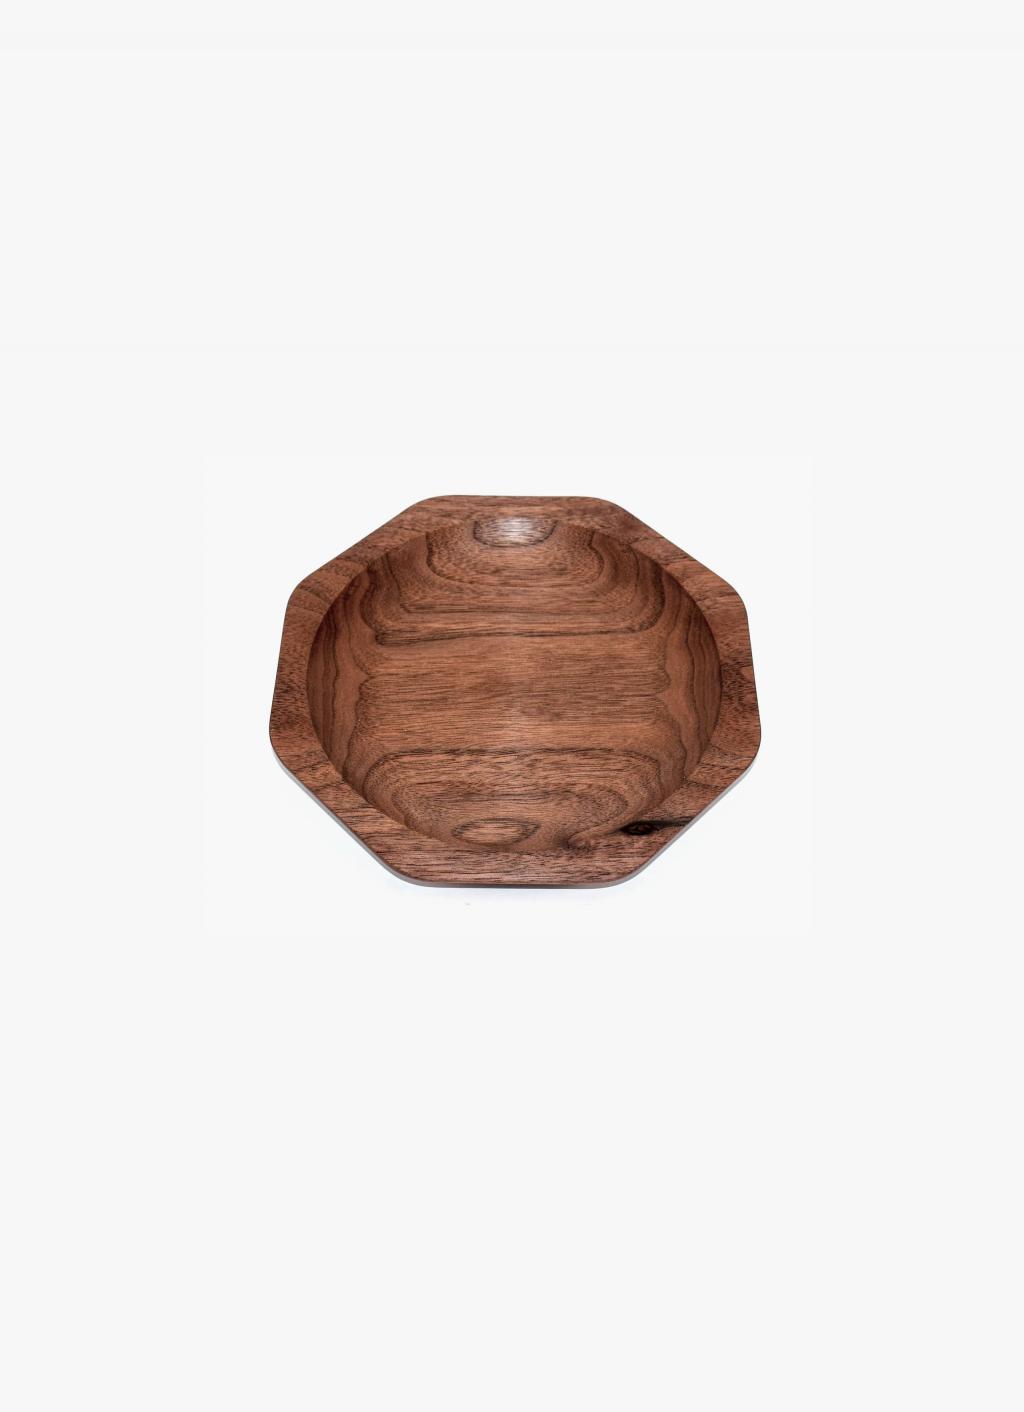 Asahikawa Woodworking - Oji Masanori - Kakudo Dish - Walnut - S